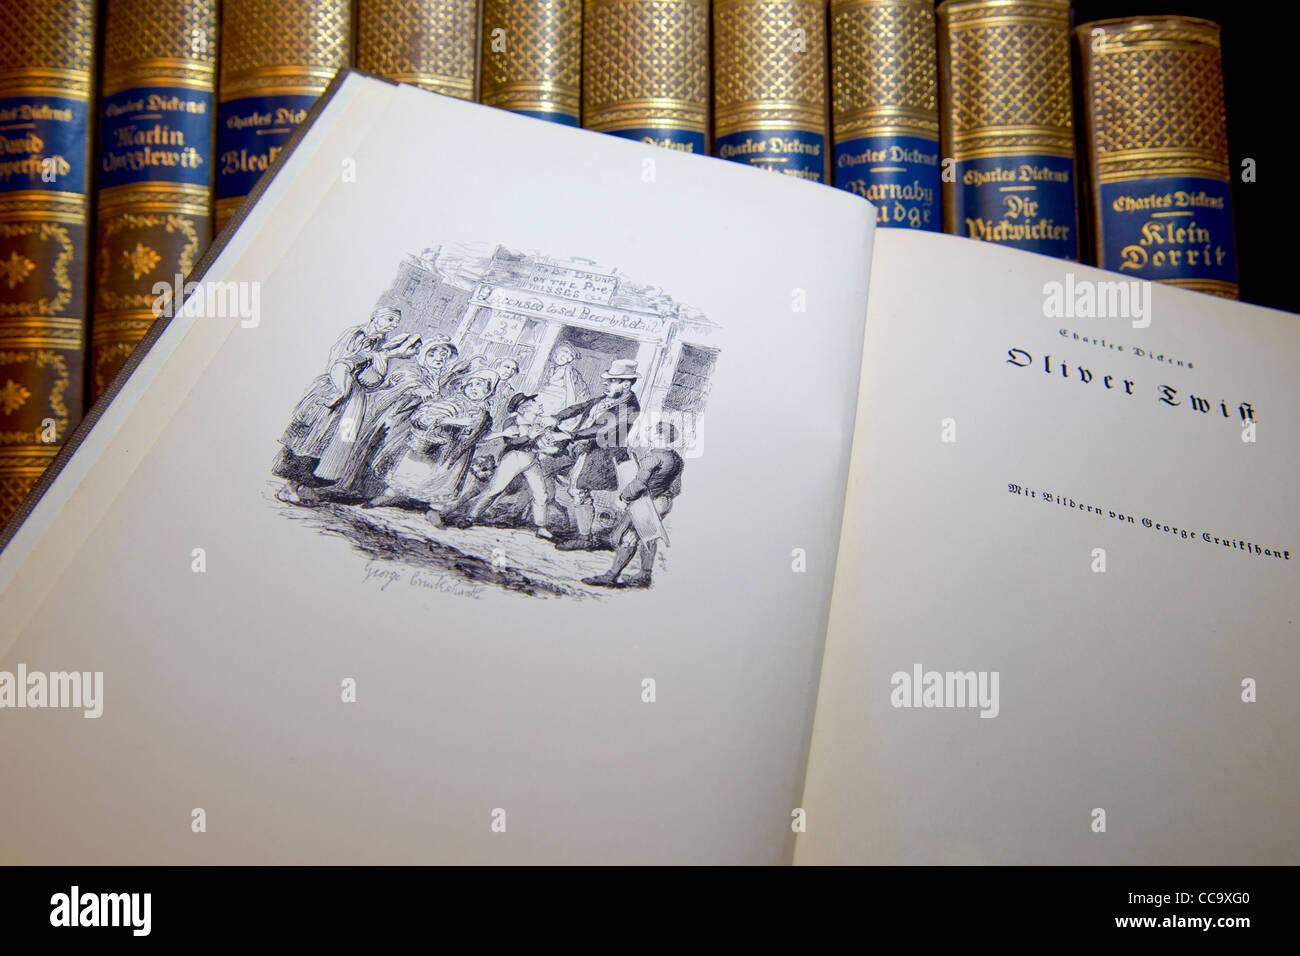 Sterben Sie Werke von Charles Dickens; Werke von Charles Dickens Stockbild